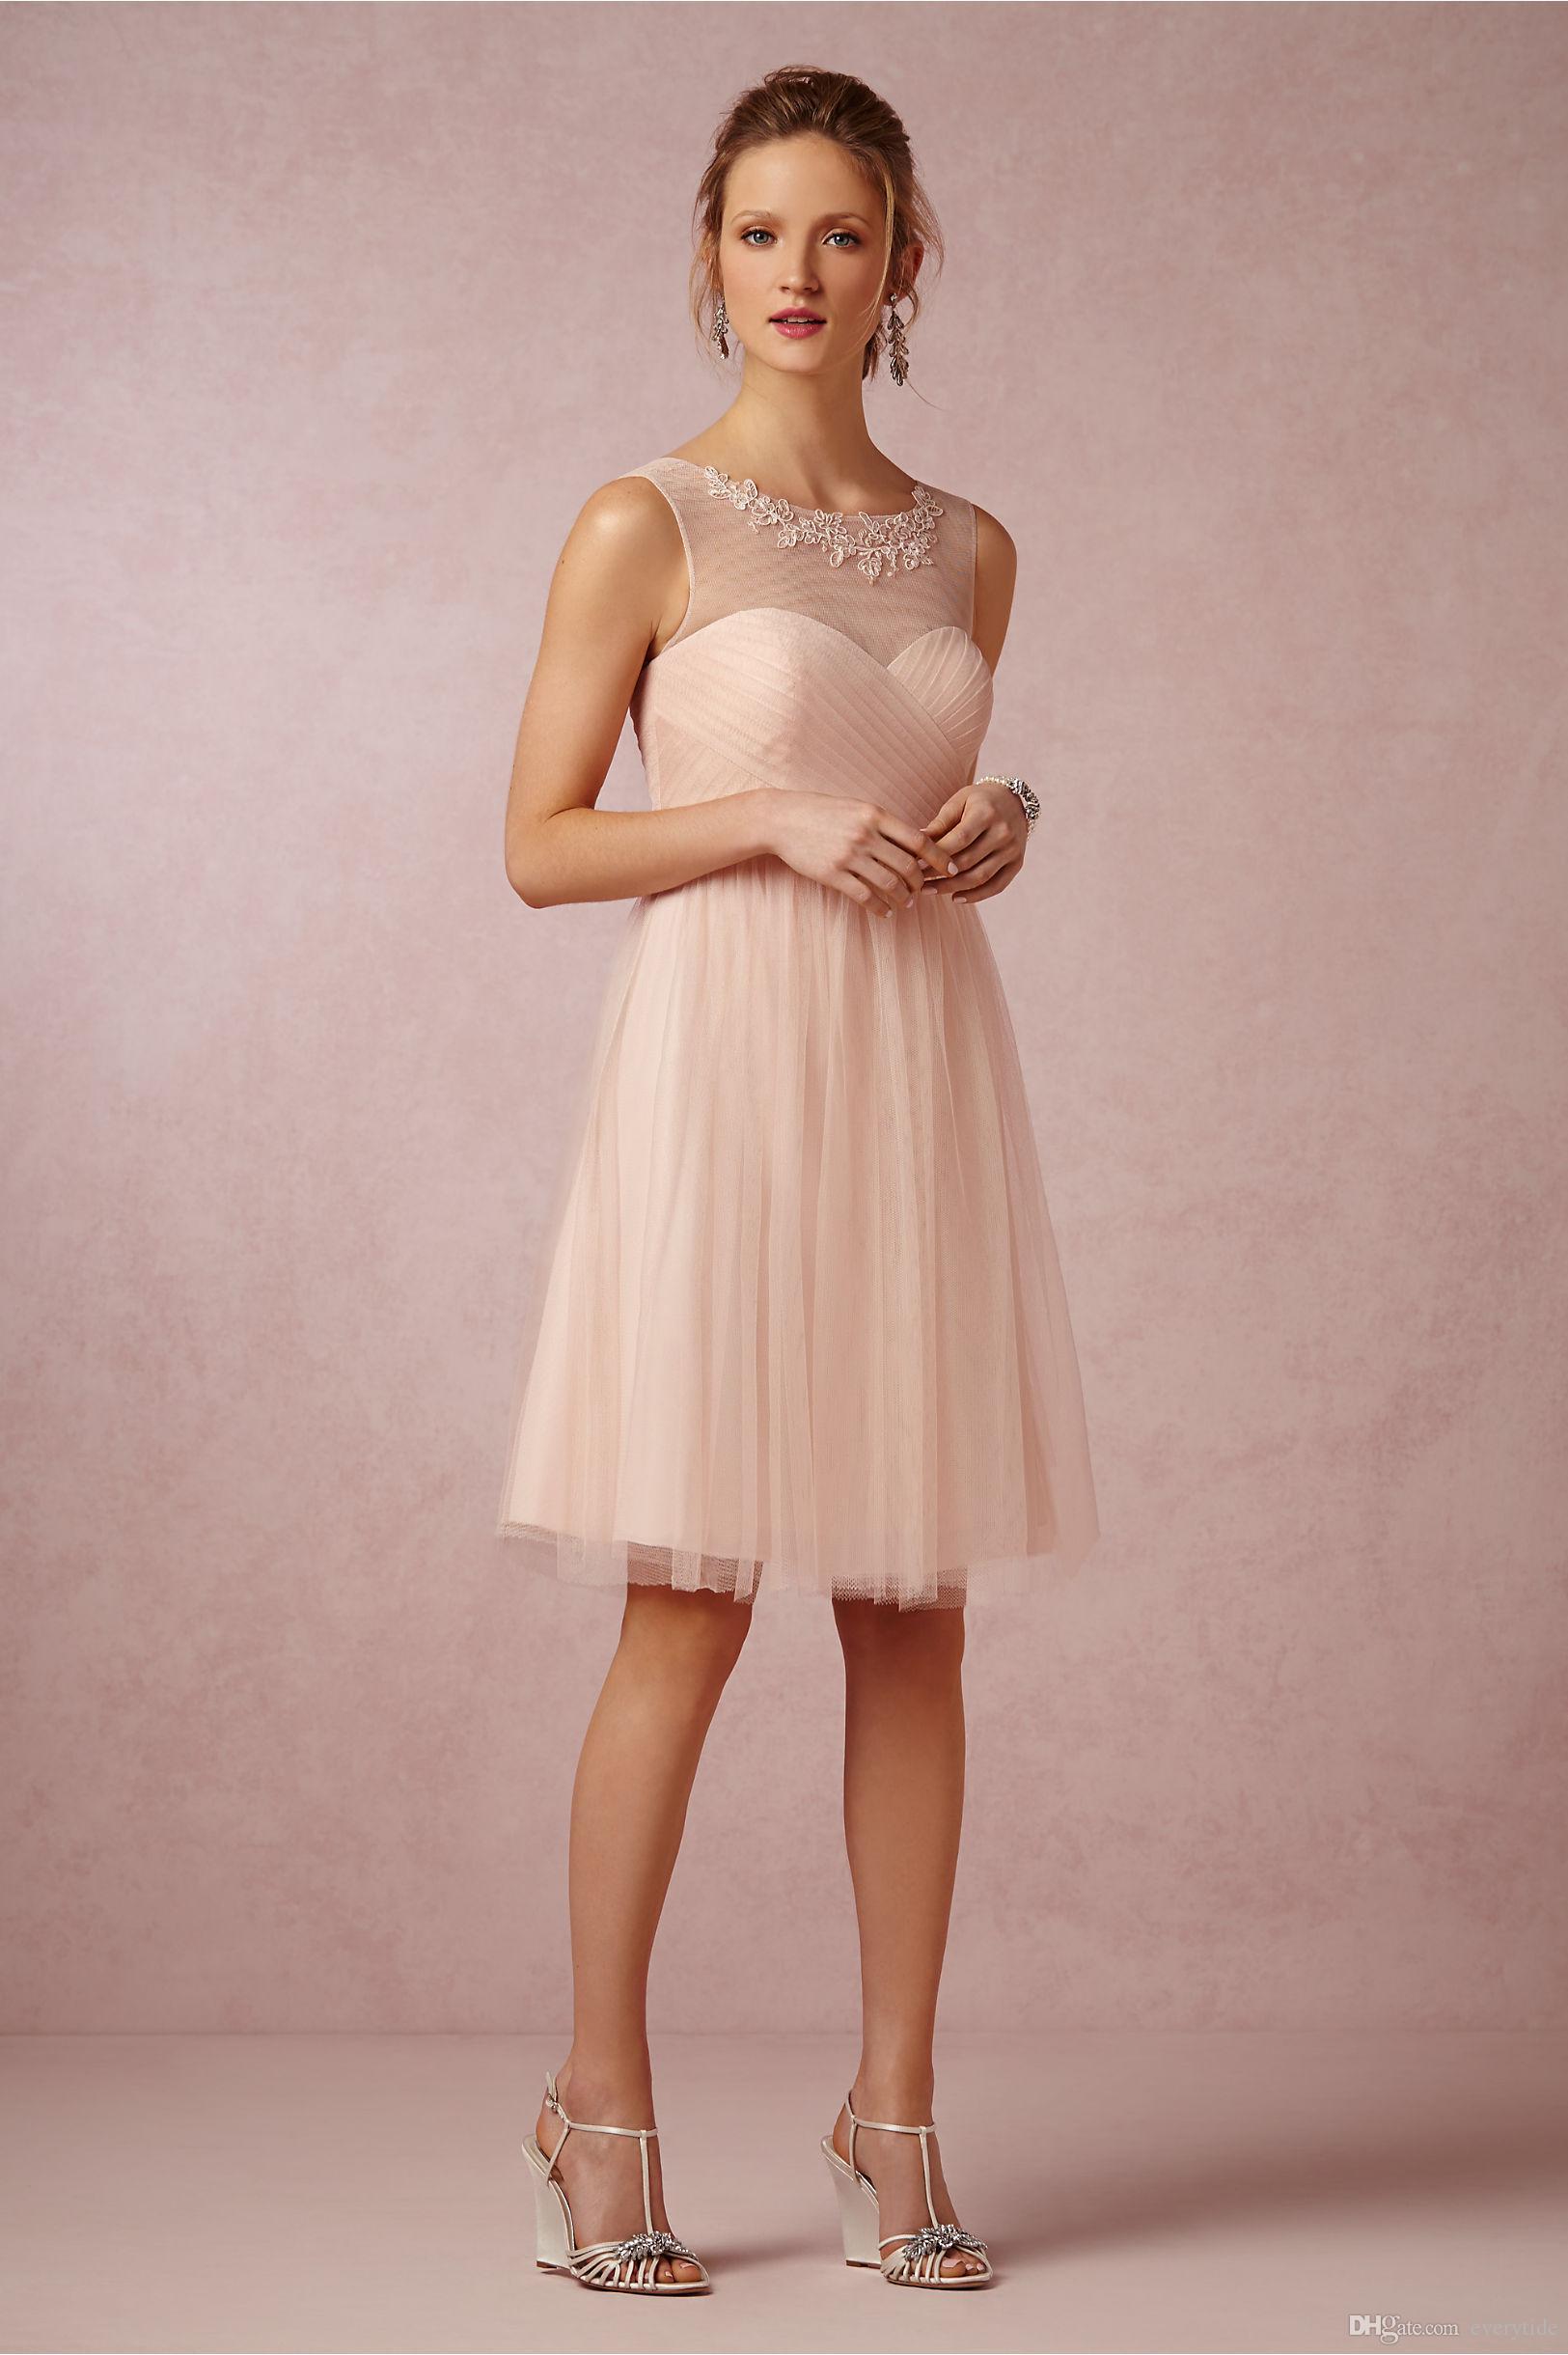 2015 ivoire chaussures de mariage compenses plateformes criss cross sucreries perles de cristal ivoire summer talons - Chaussure Compense Mariage